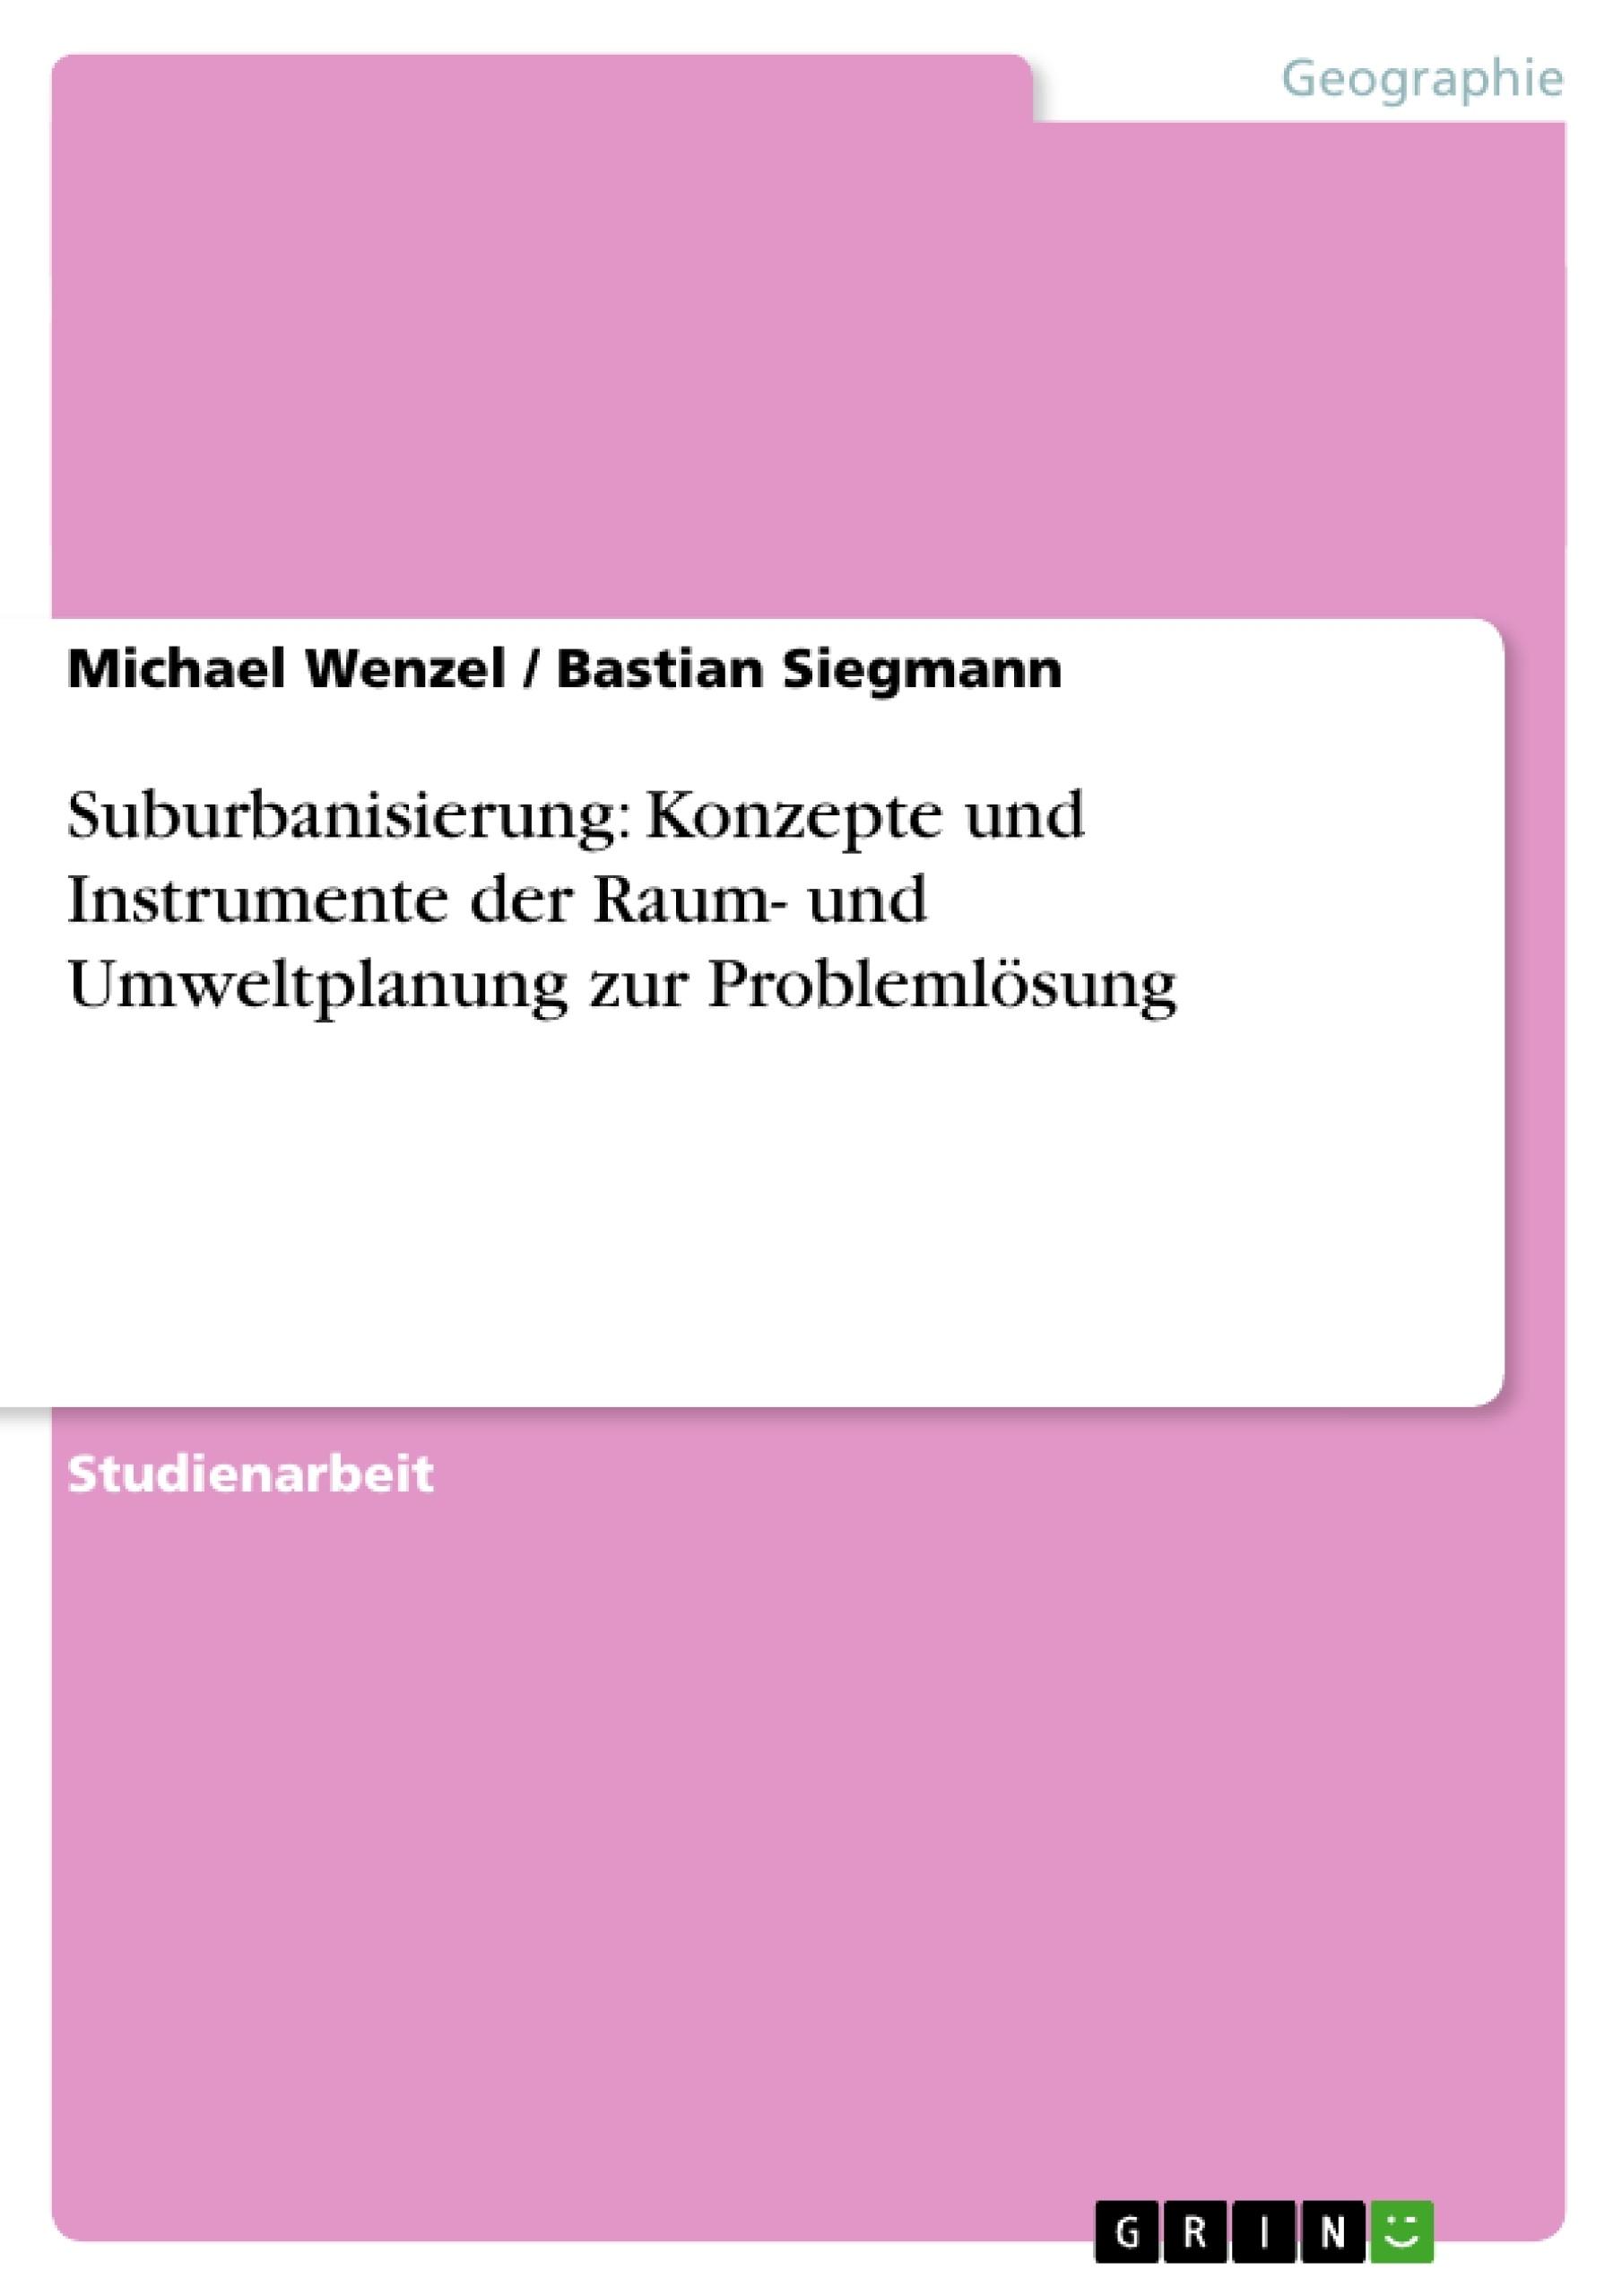 Titel: Suburbanisierung: Konzepte und Instrumente der Raum- und Umweltplanung zur Problemlösung